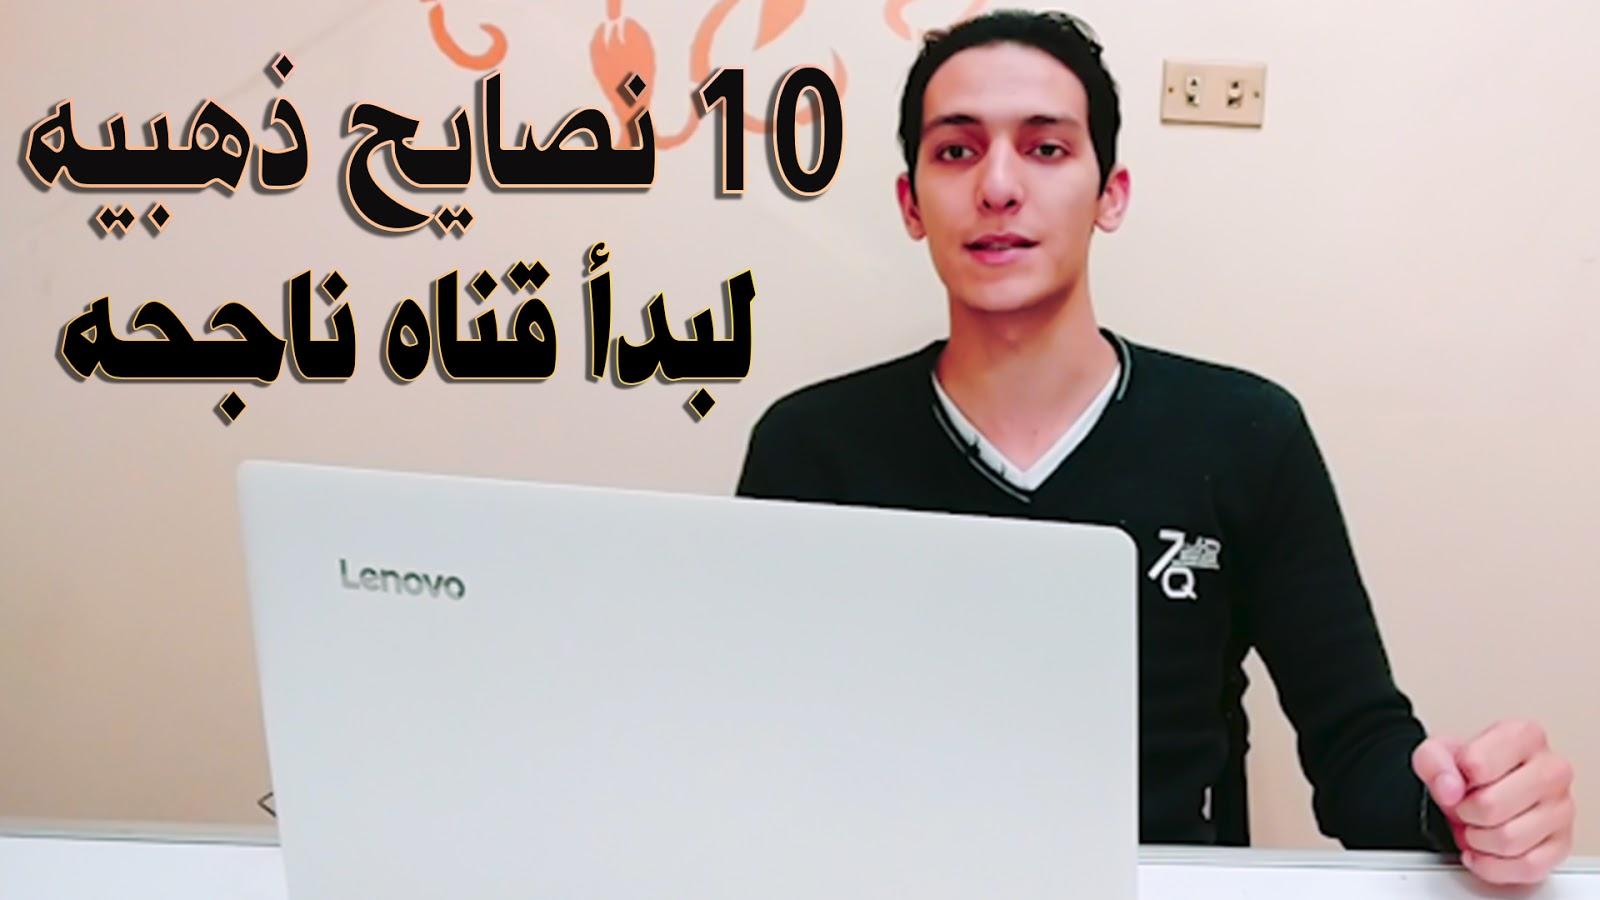 Photo of 10 نصايح مهمه جدا قبل البدأ فى العمل على اليوتيوب وجنى الارباح